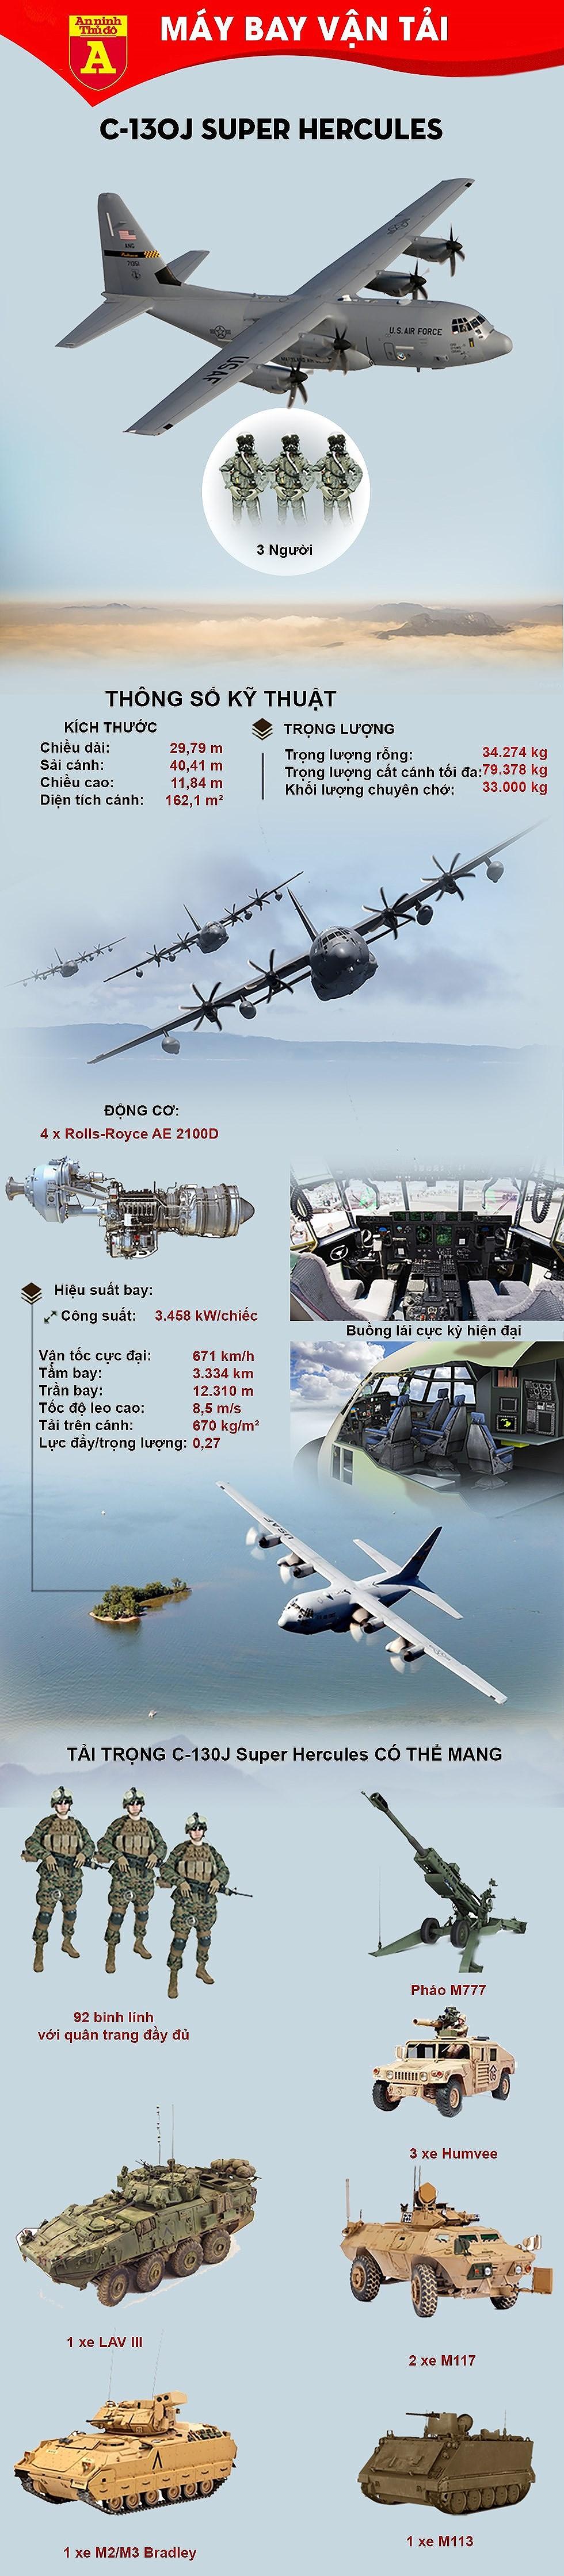 [Infographic] Vì đâu 123 vận tải cơ C-130 Mỹ phải nằm đất? - Ảnh 1